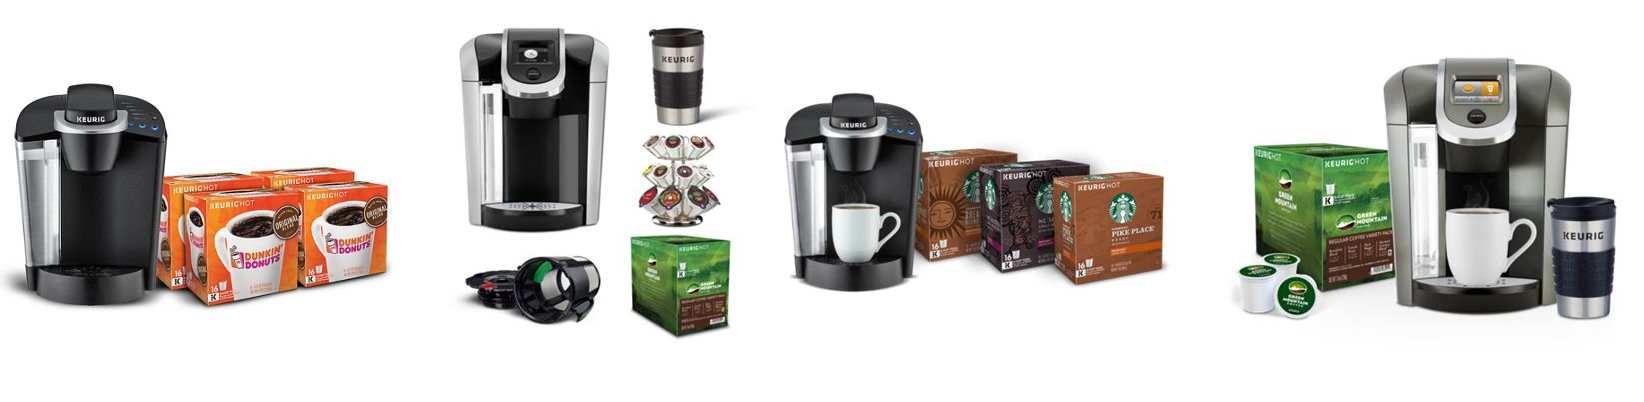 Keurig Coffee Maker And K Cup Bundles On Sale 20 Off Sitewide At